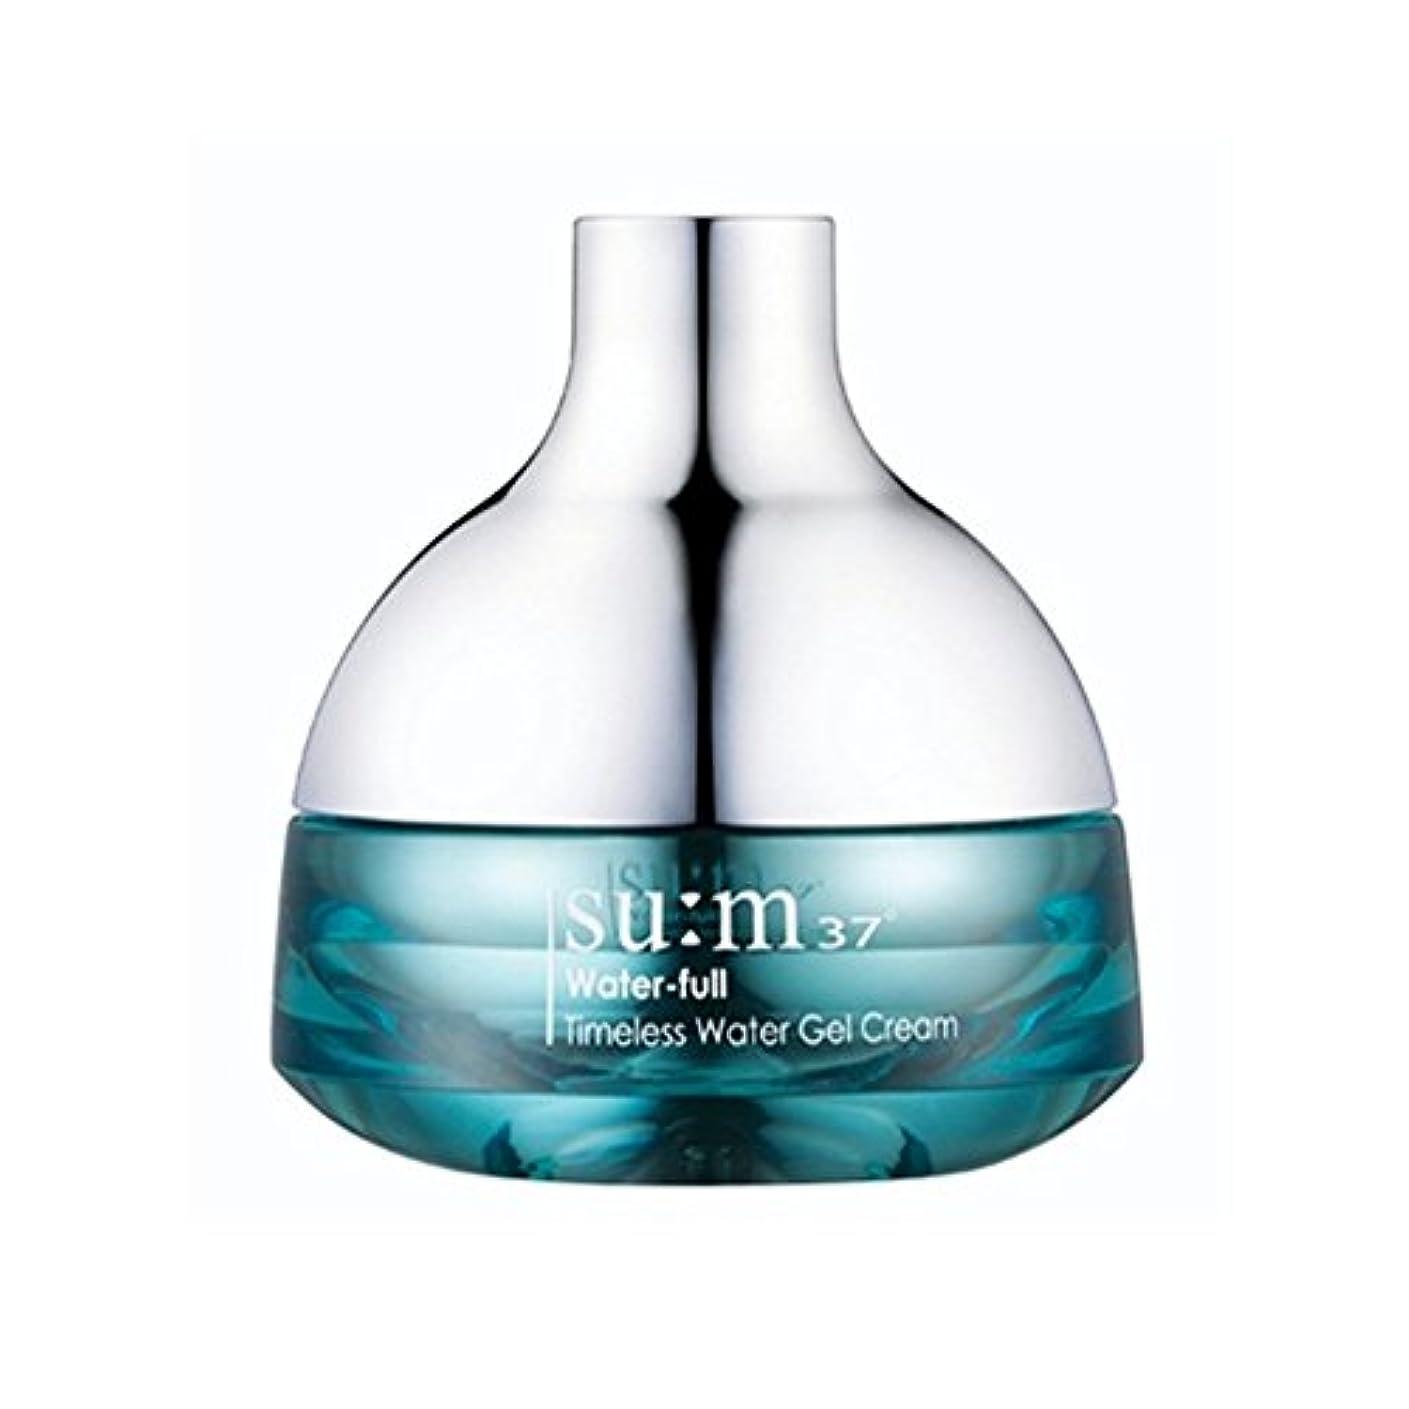 優先アデレードバレーボール[su:m37/スム37°] SUM37 Water-full Timeless Water Gel Cream 50ml/WF07 sum37 ウォータフル タイムレス ウォータージェルクリーム 50ml +[Sample...